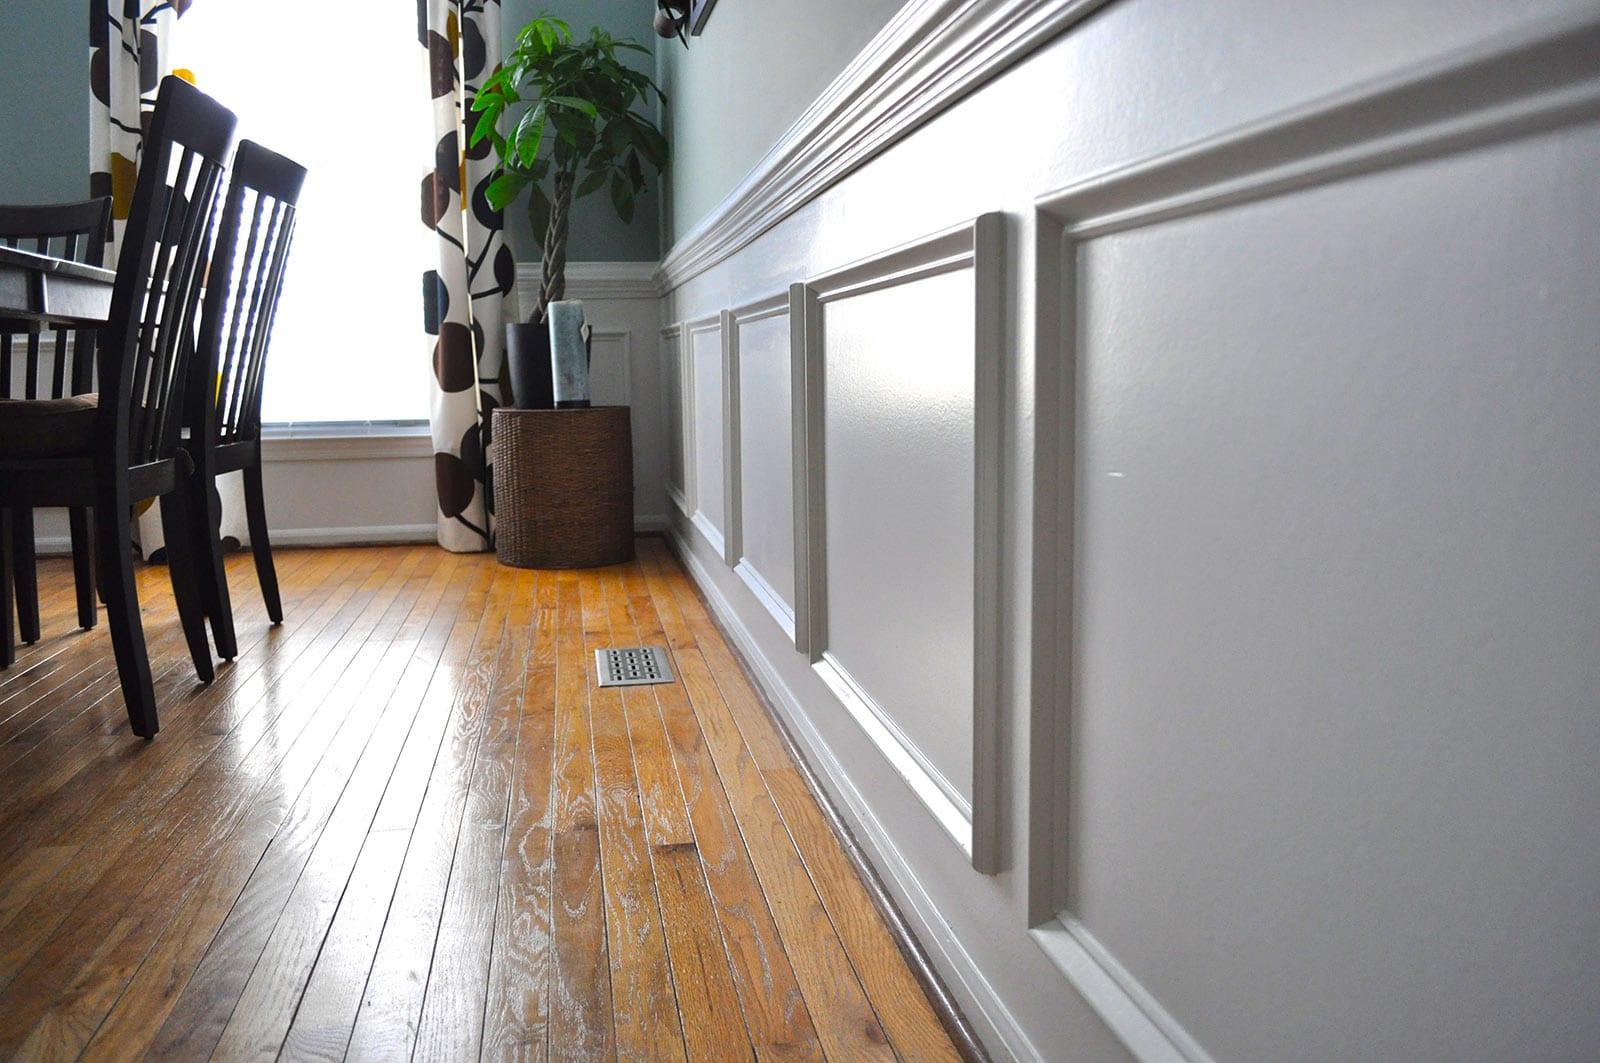 floor carpentry service in Chantilly, VA